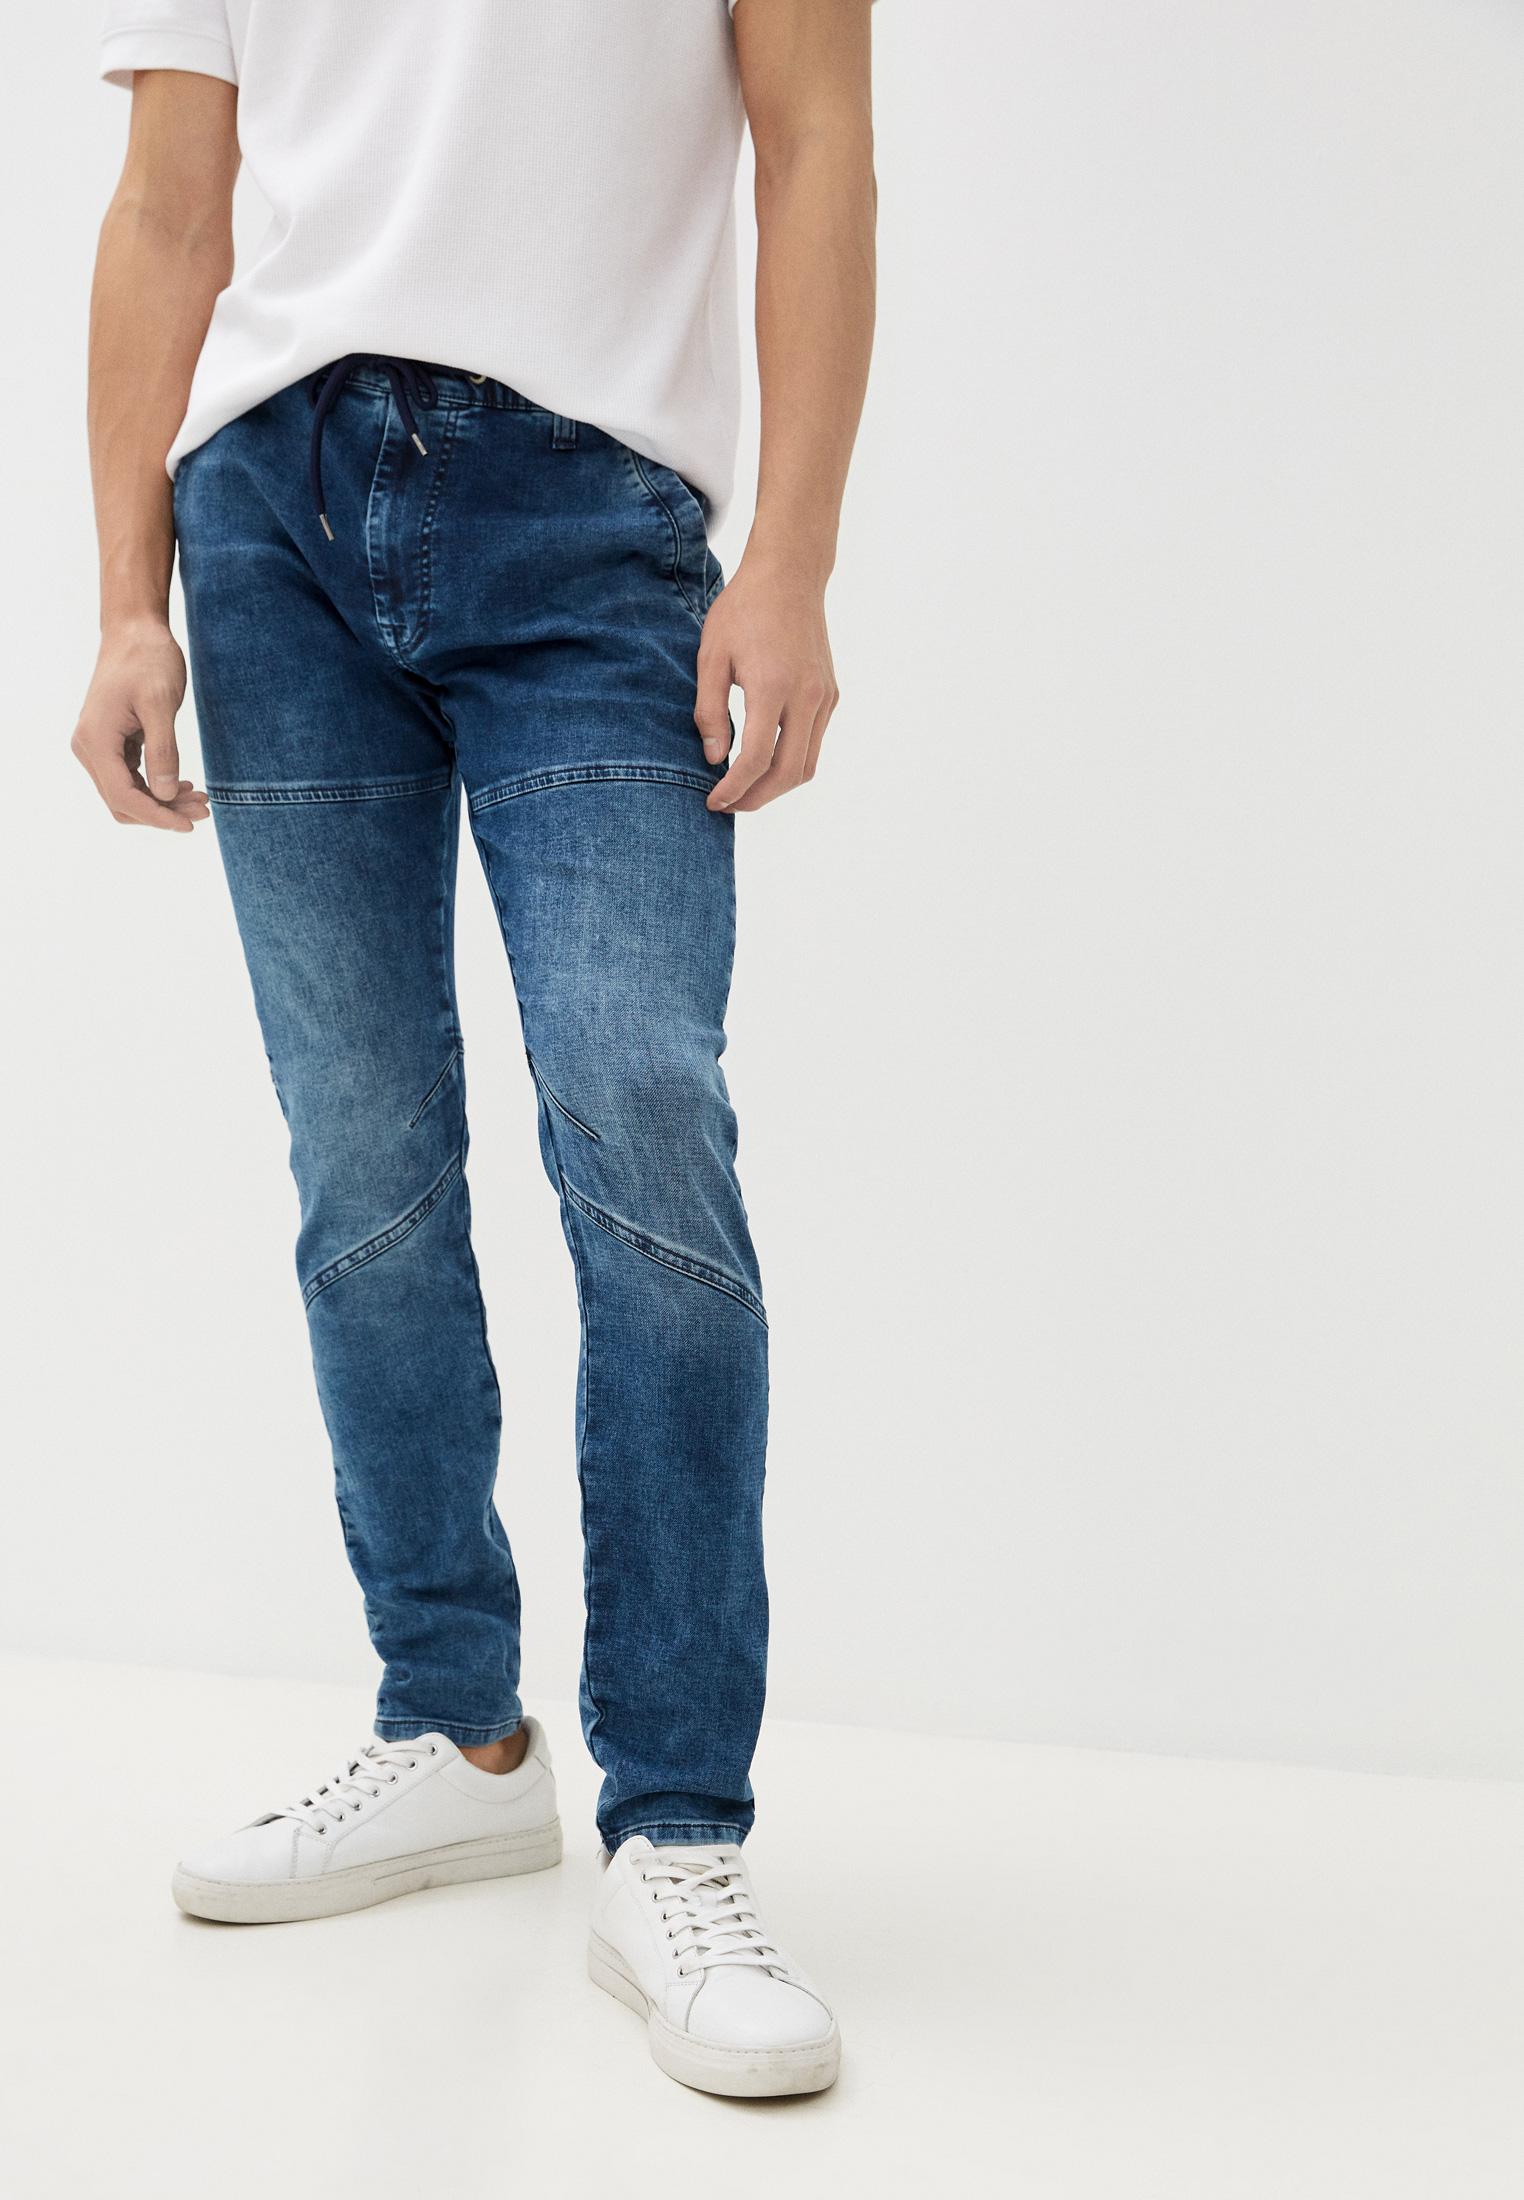 Зауженные джинсы Pepe Jeans (Пепе Джинс) Джинсы Pepe Jeans